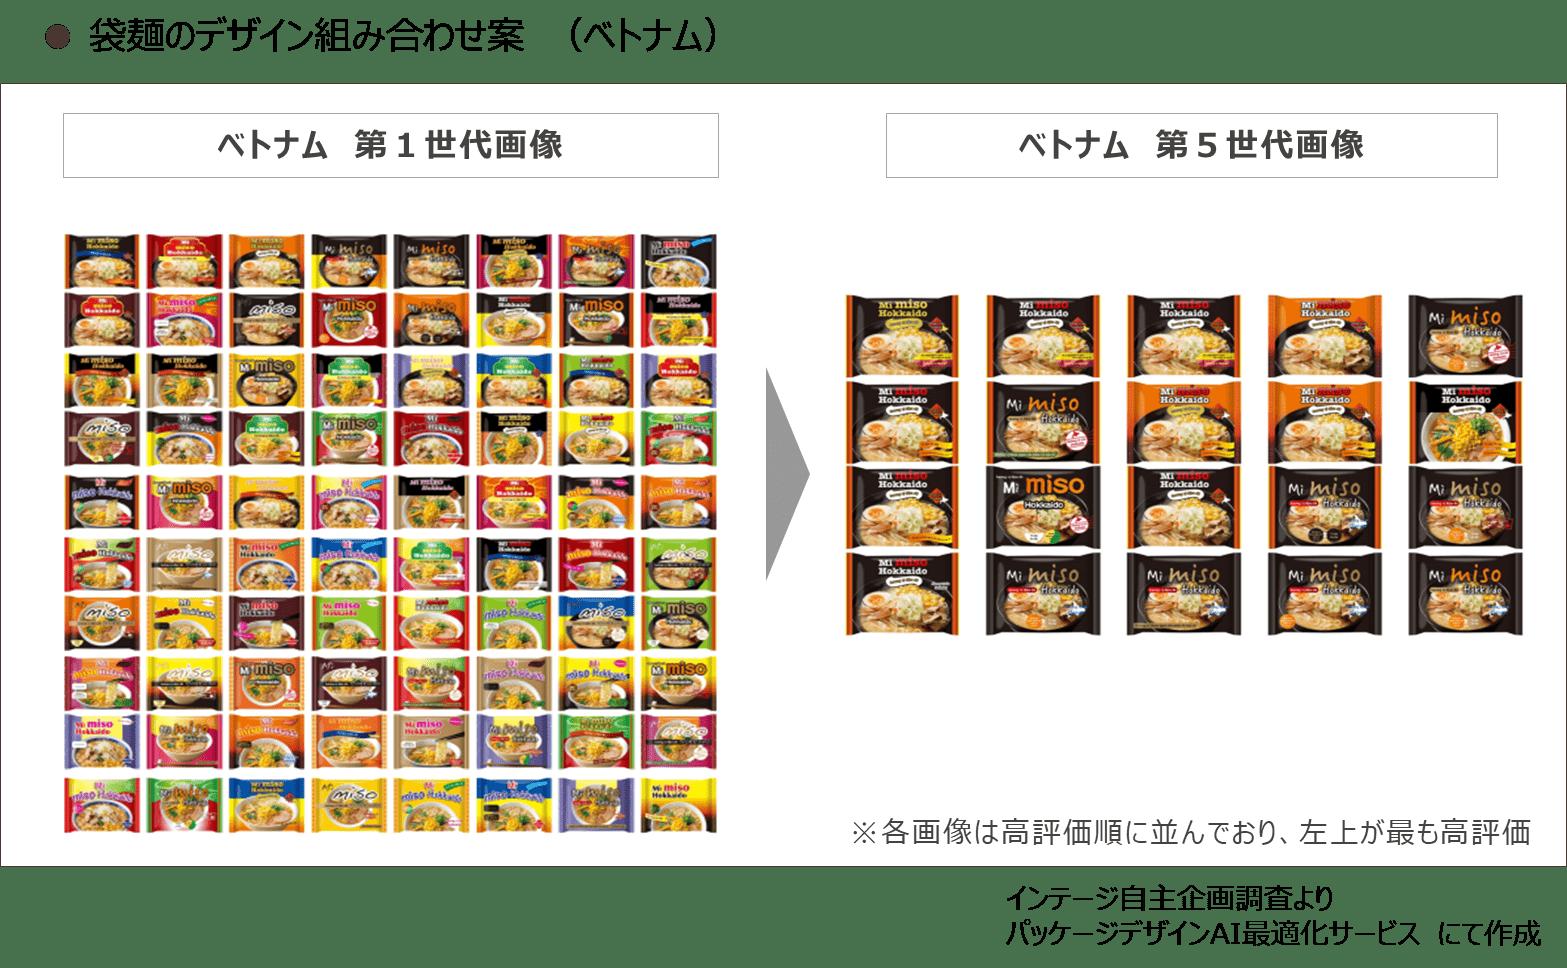 袋麺のデザイン組み合わせ案 (ベトナム)イメージ図